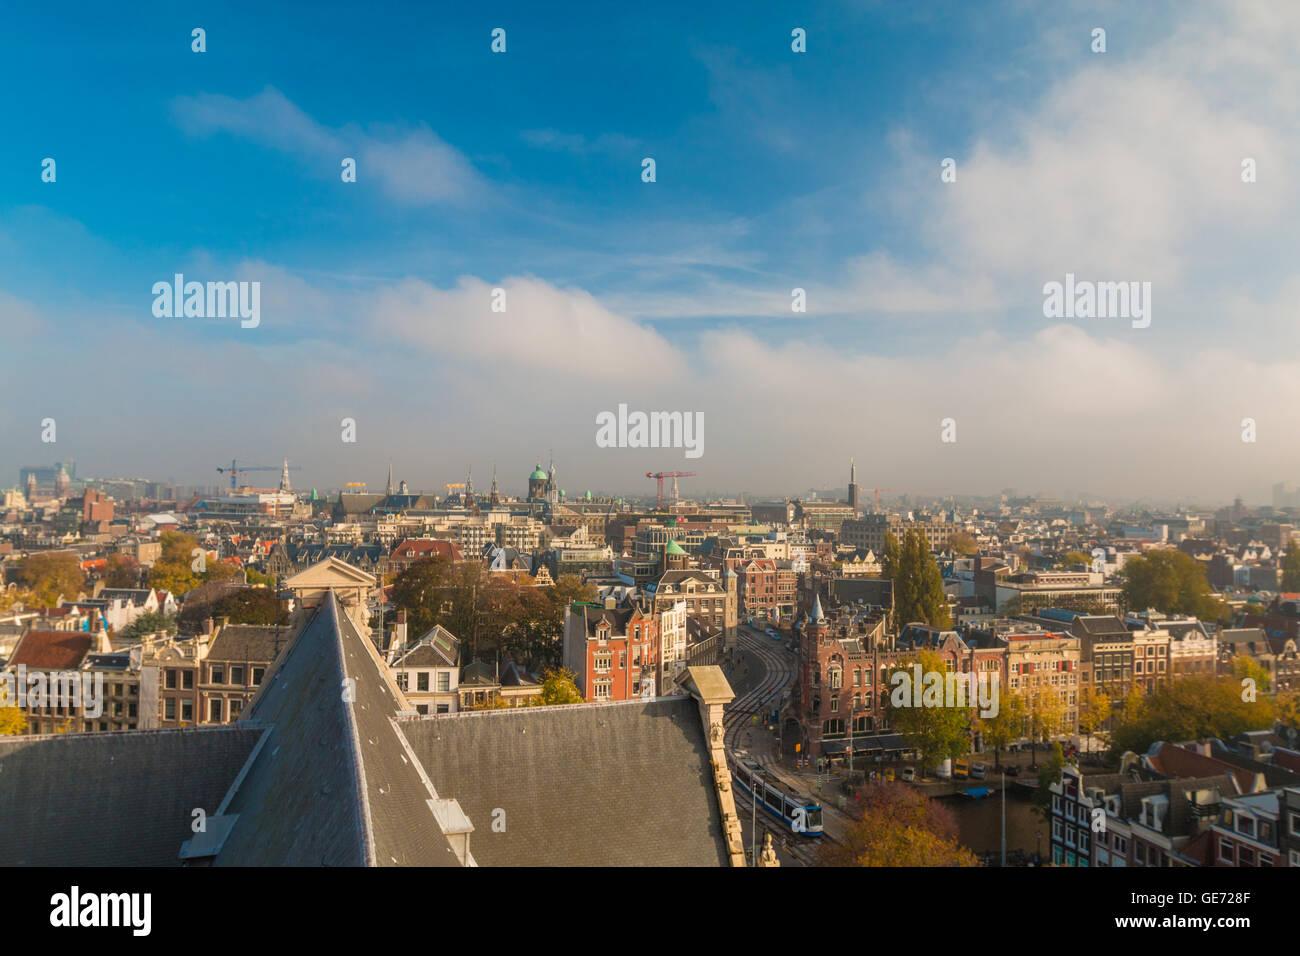 Dans Amsterdam Pays-Bas Banque D'Images